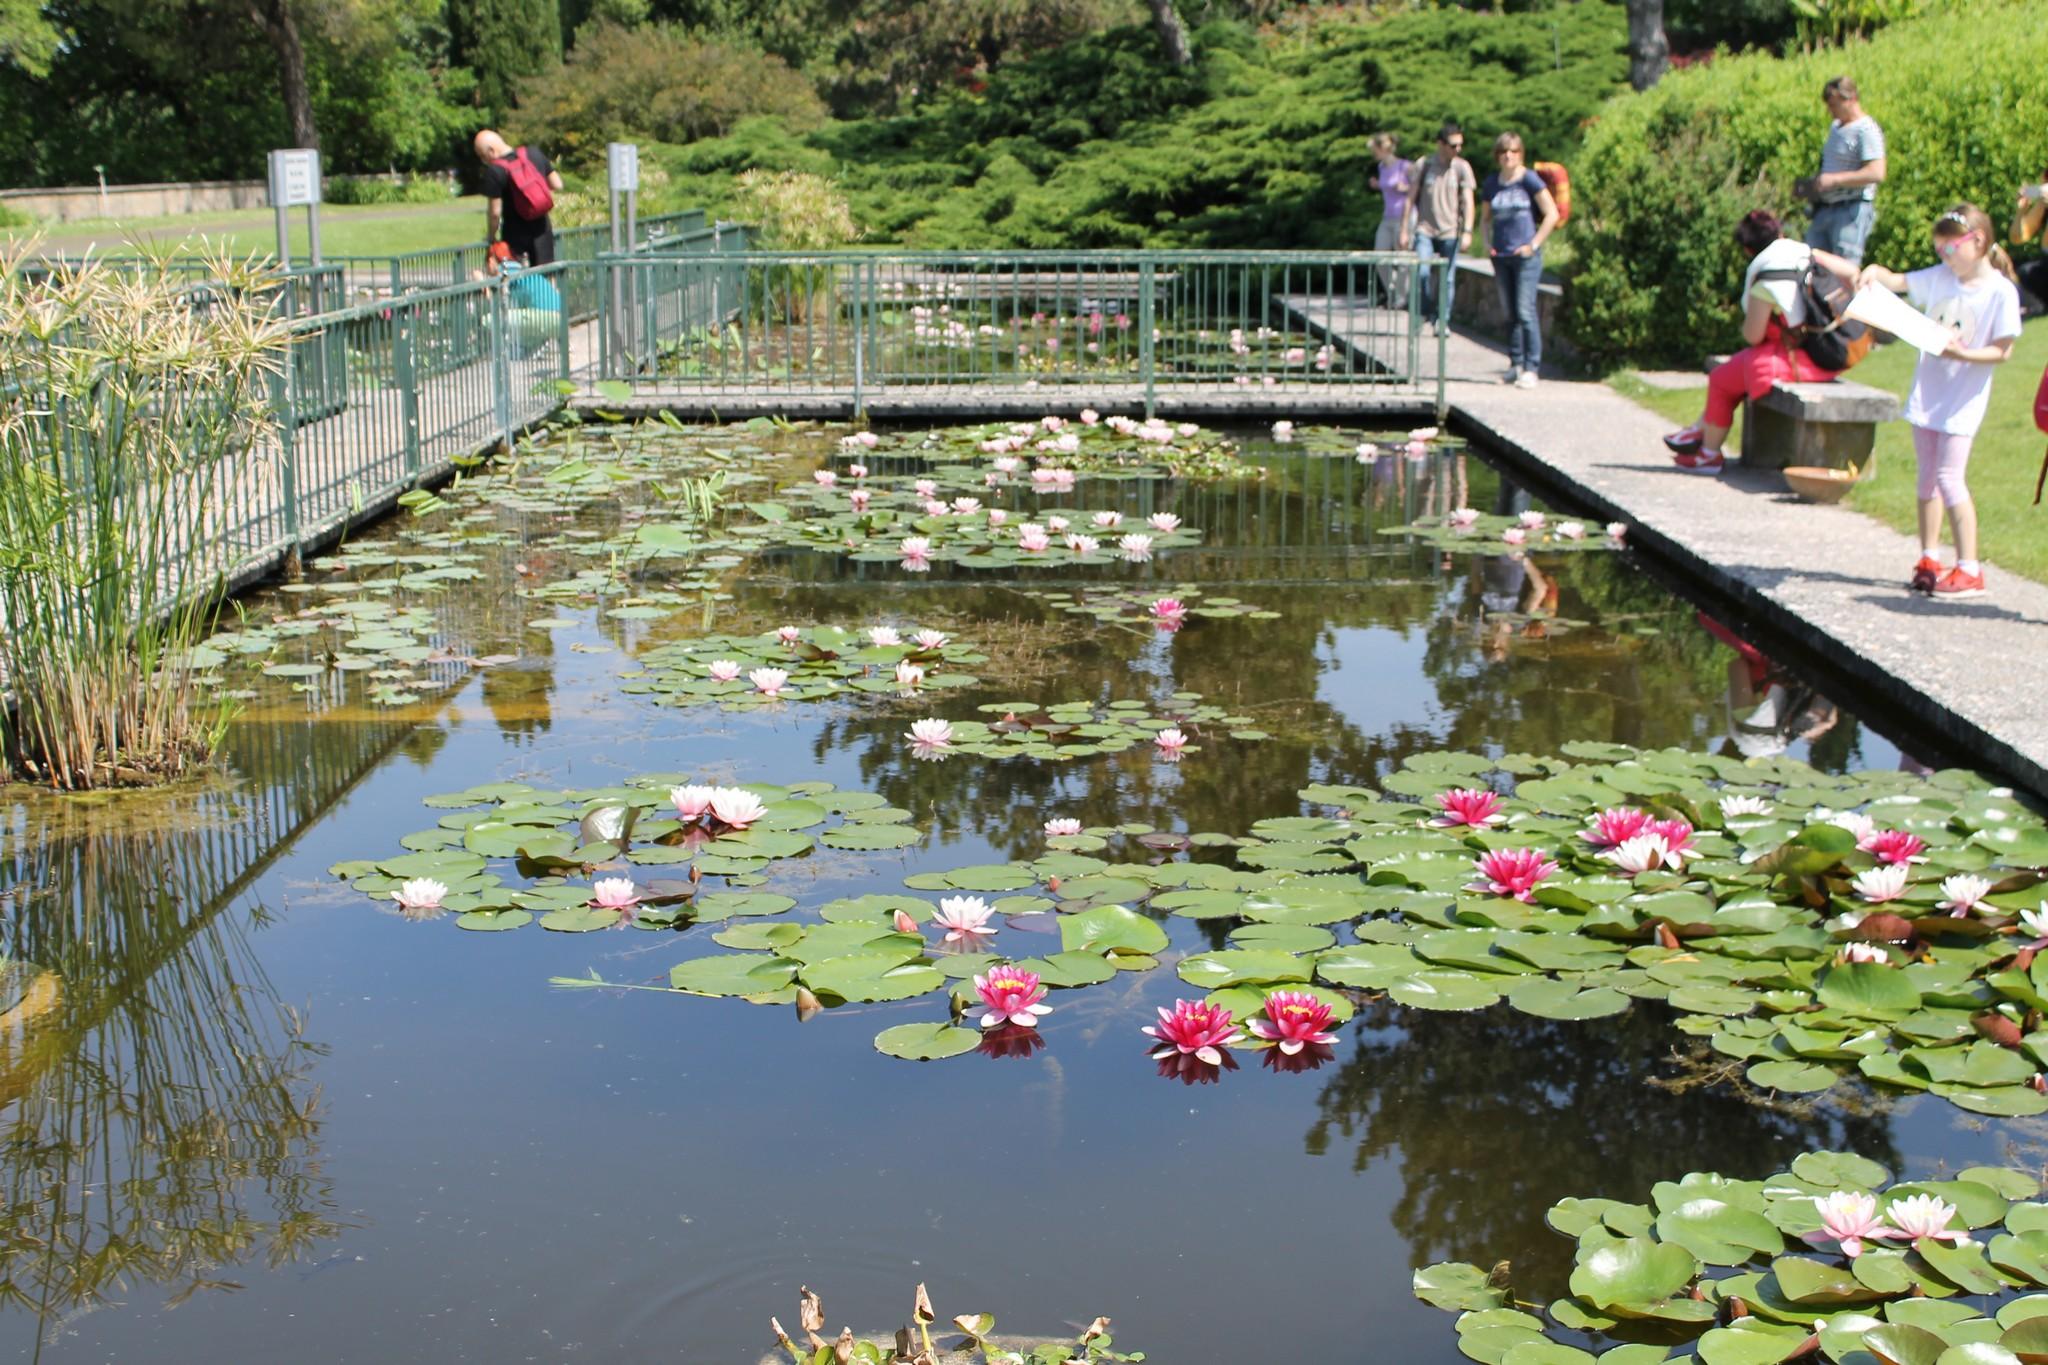 Il parco giardino sigurt e la tulipanomania for Immagini di laghetti